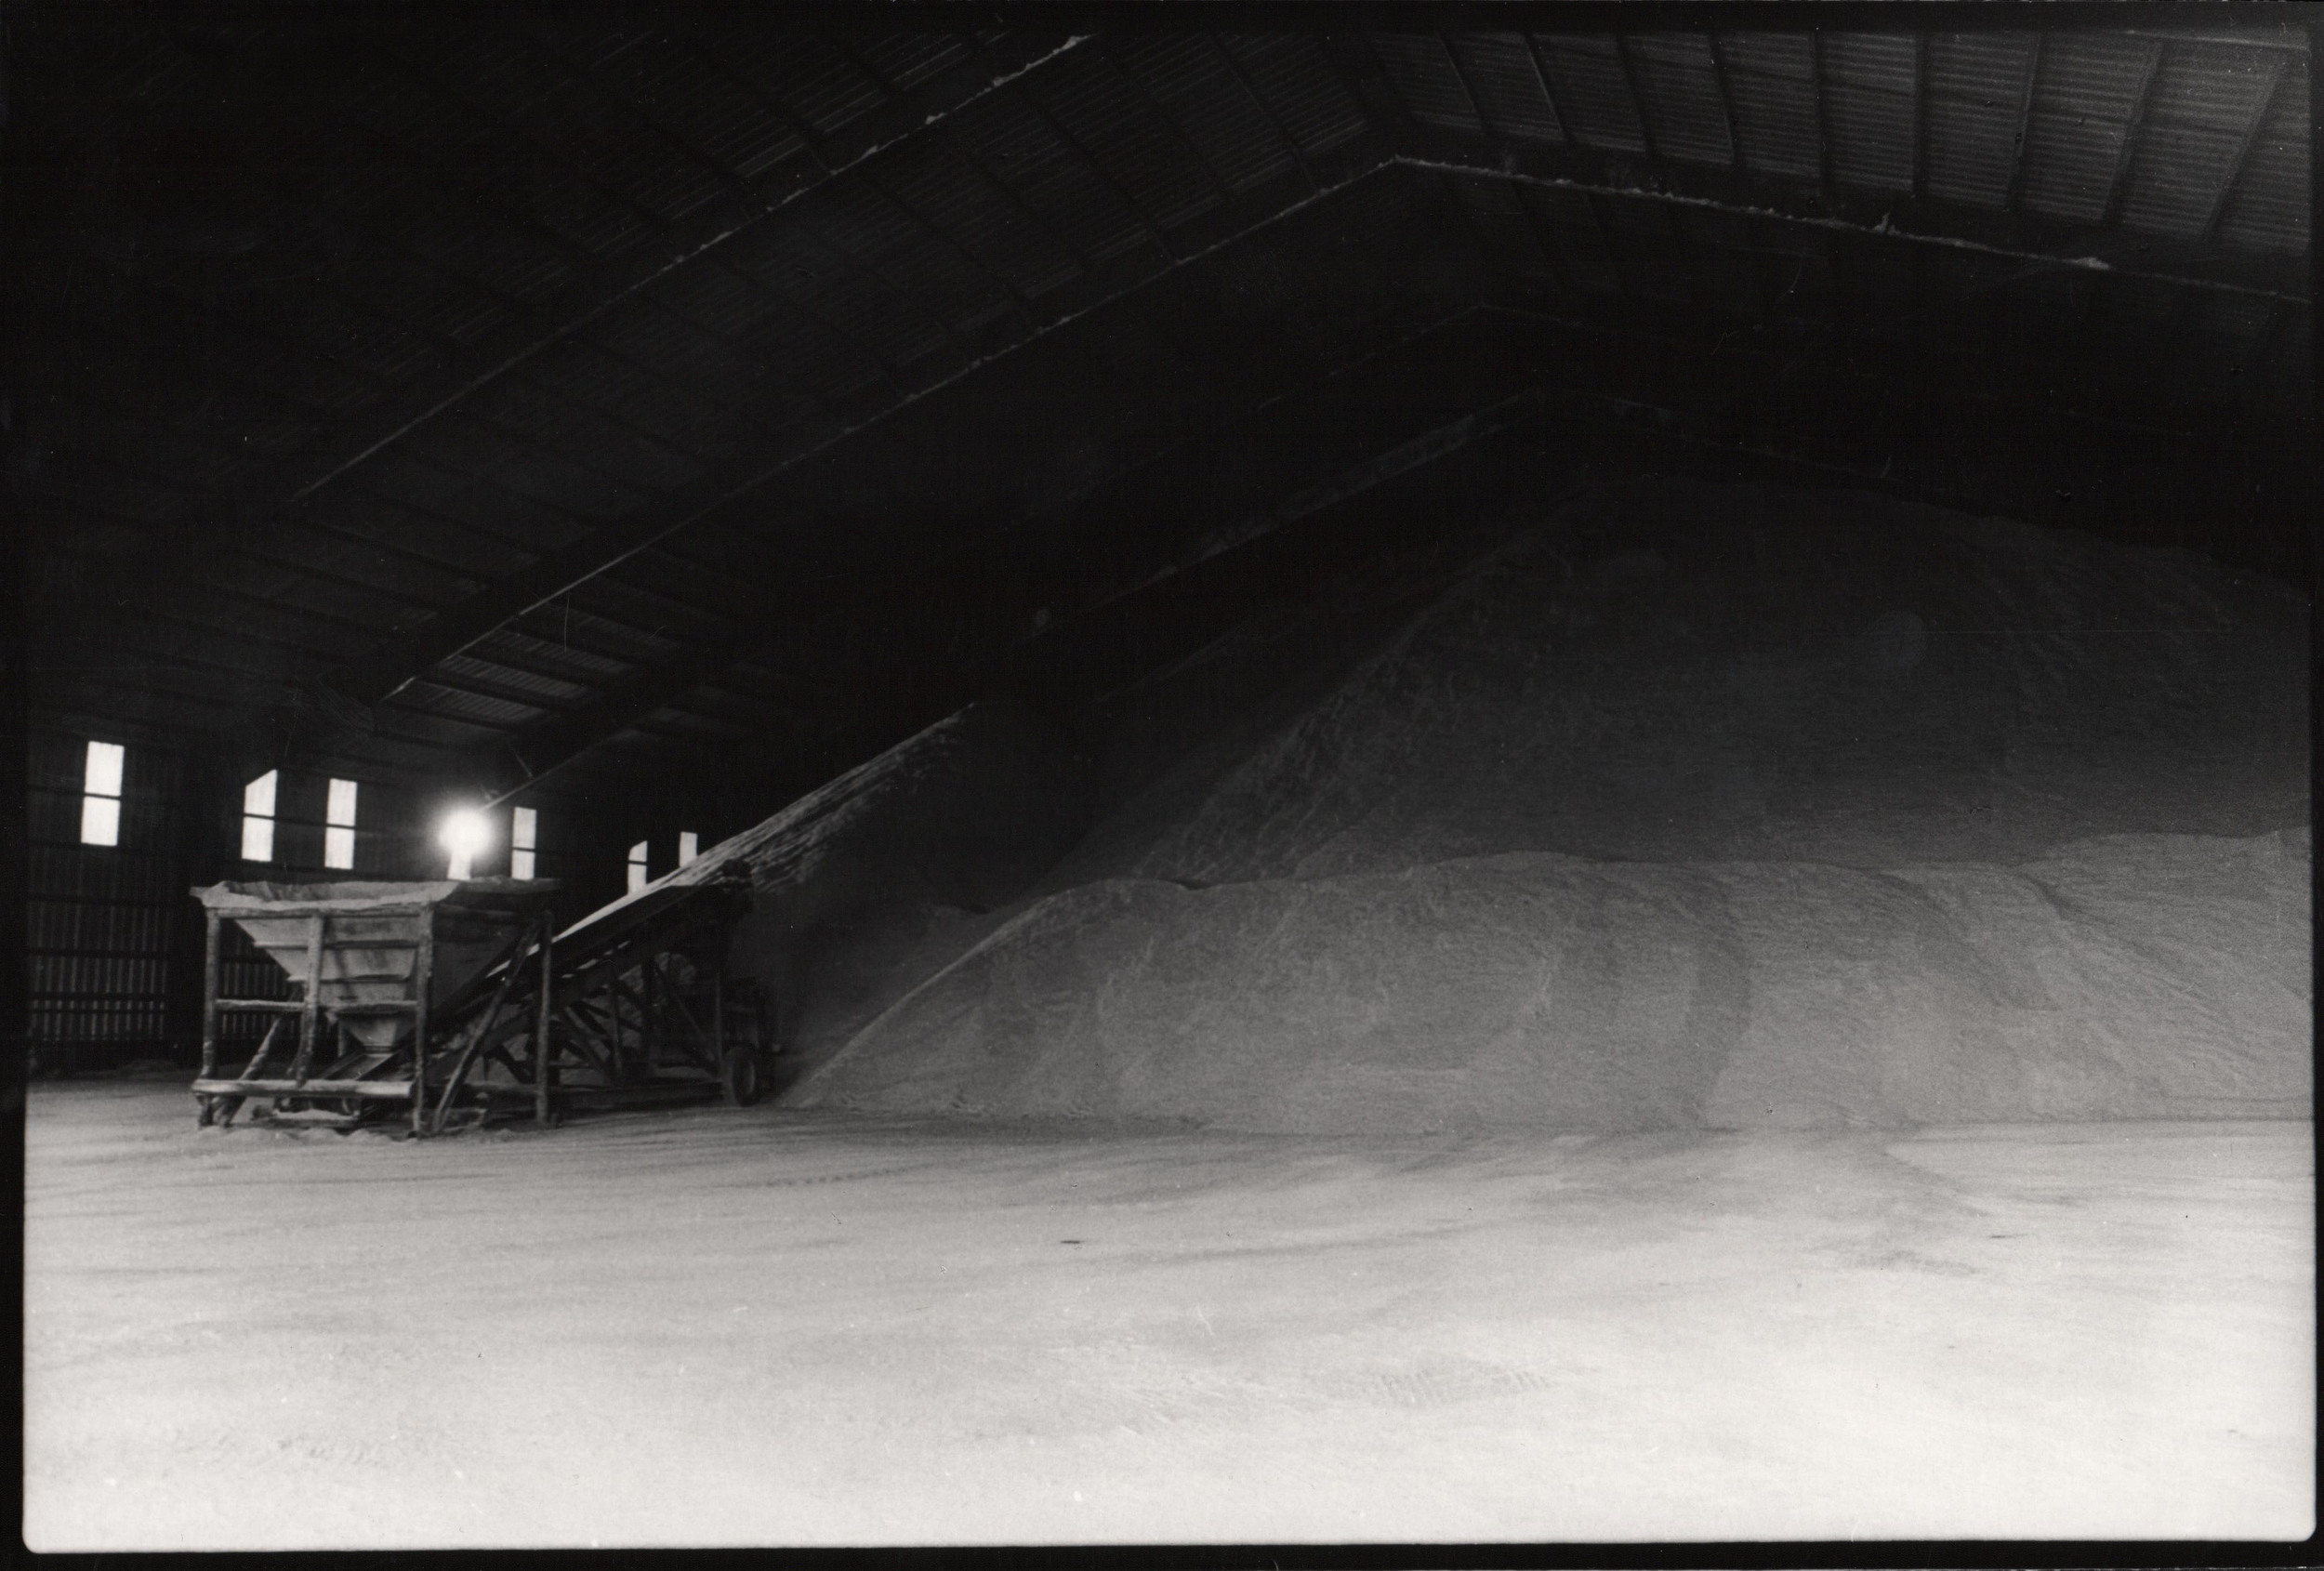 sugar in warehouse2.jpg